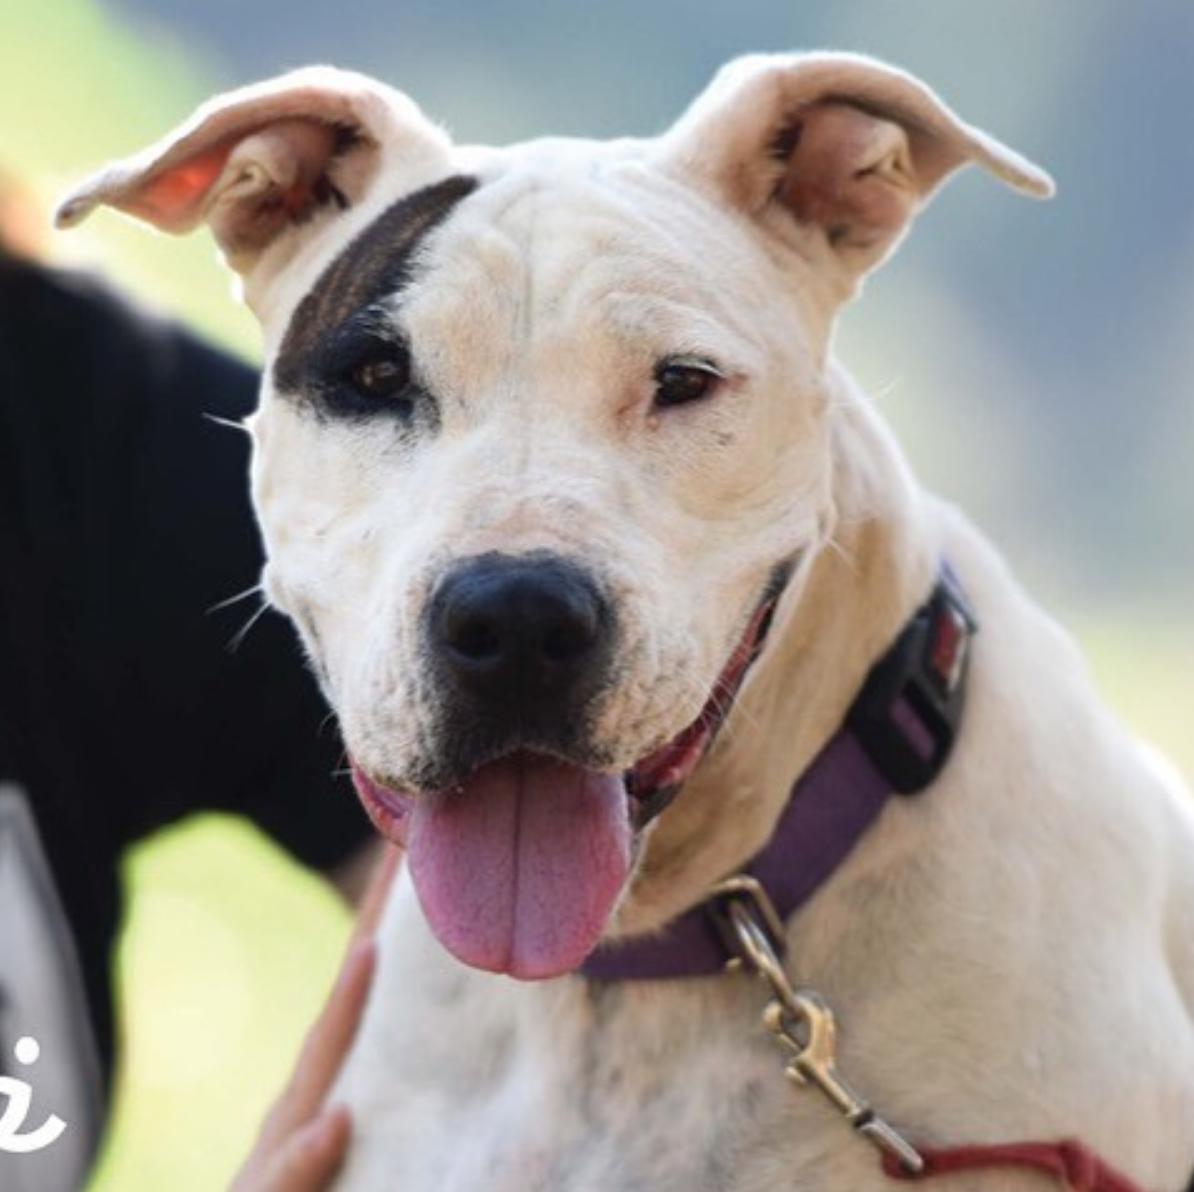 Meet Yuma, our new Mutt Crush Monday! Petco, Animals, Mutt